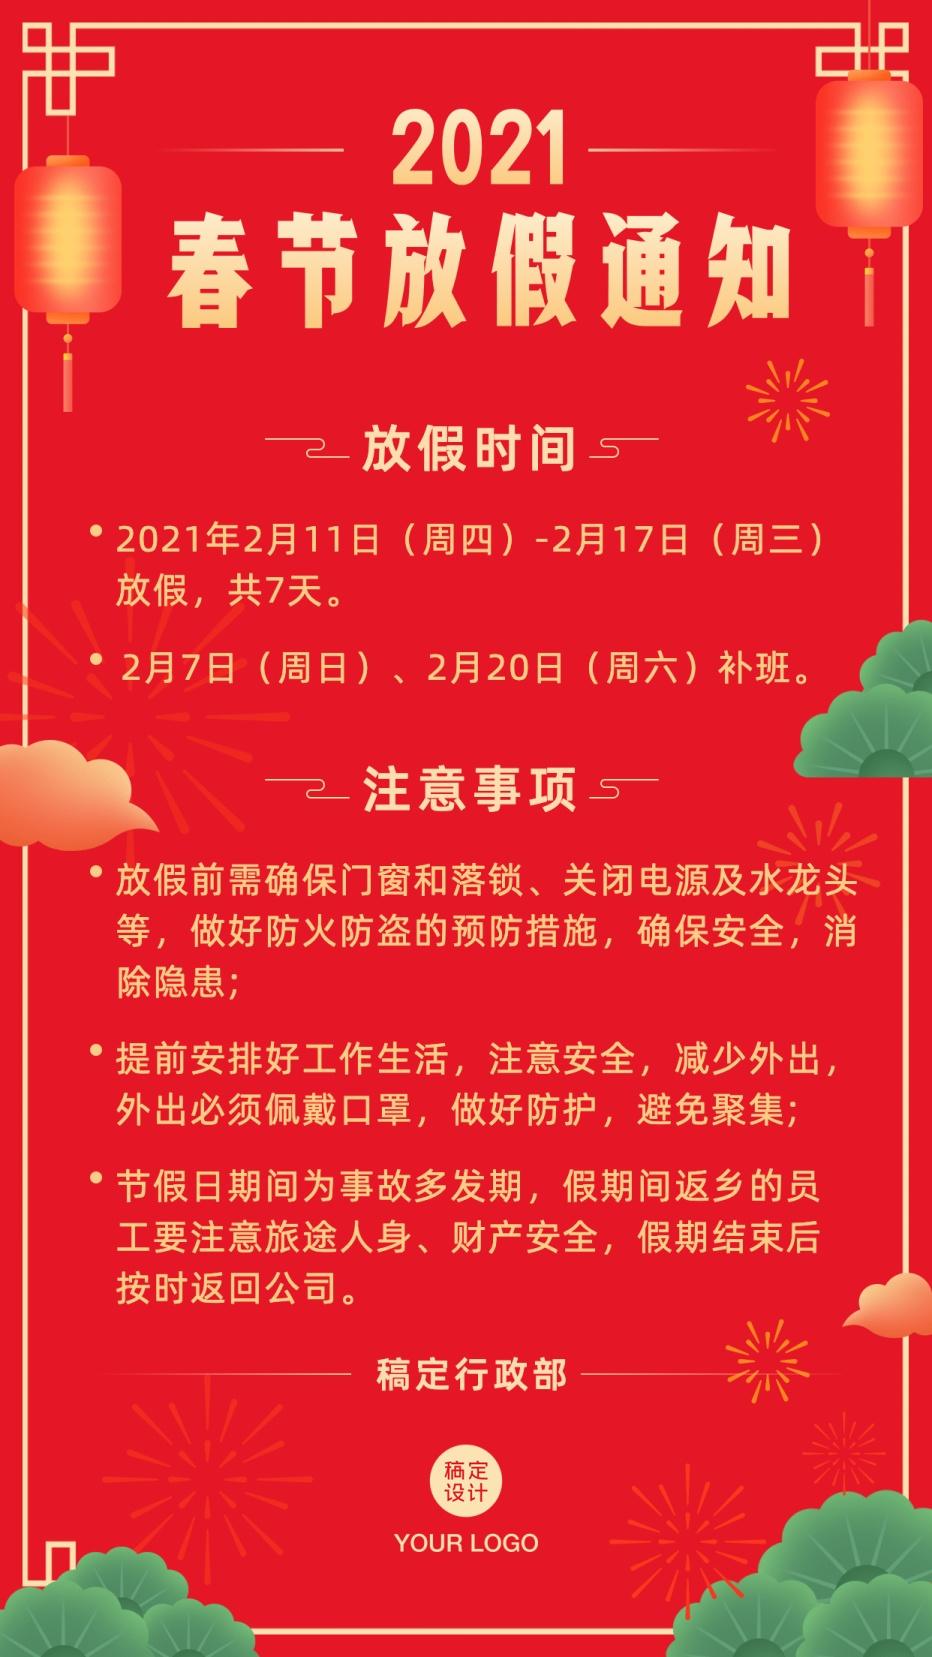 45W企业春节放假通知海报1-排版-标准